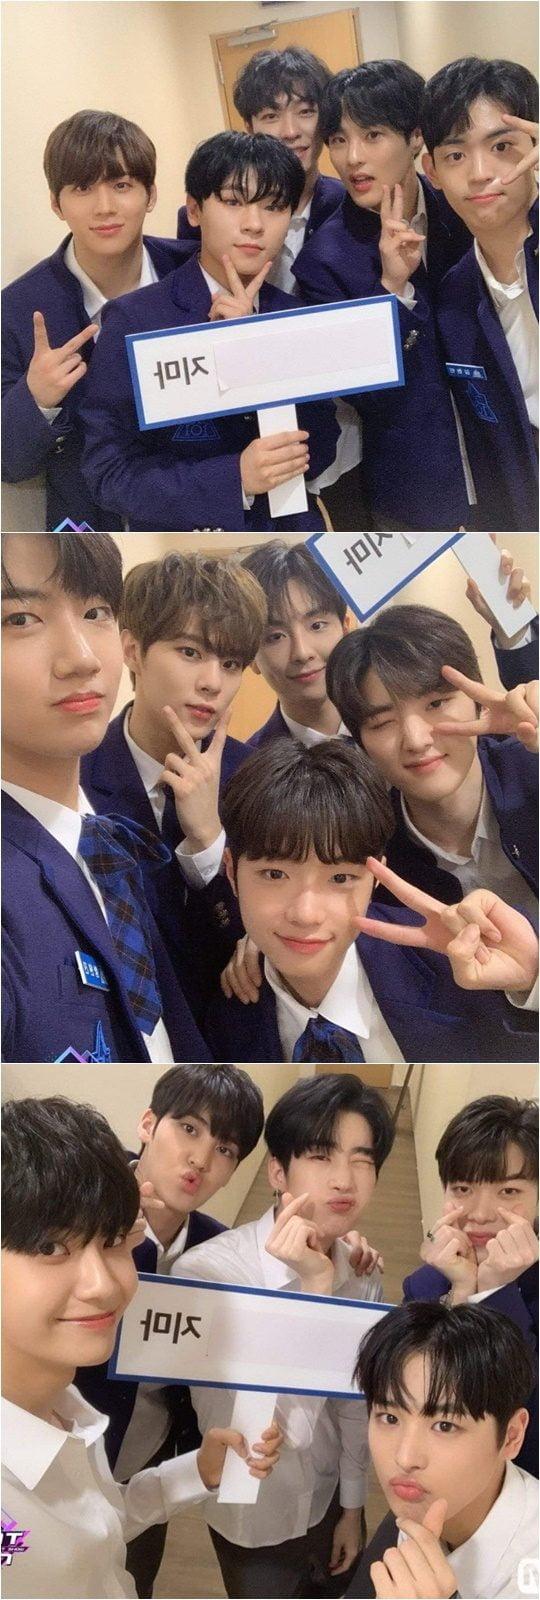 Mnet 아이돌 서바이벌 '프로듀스X101' 연습생./ 사진제공=Mnet